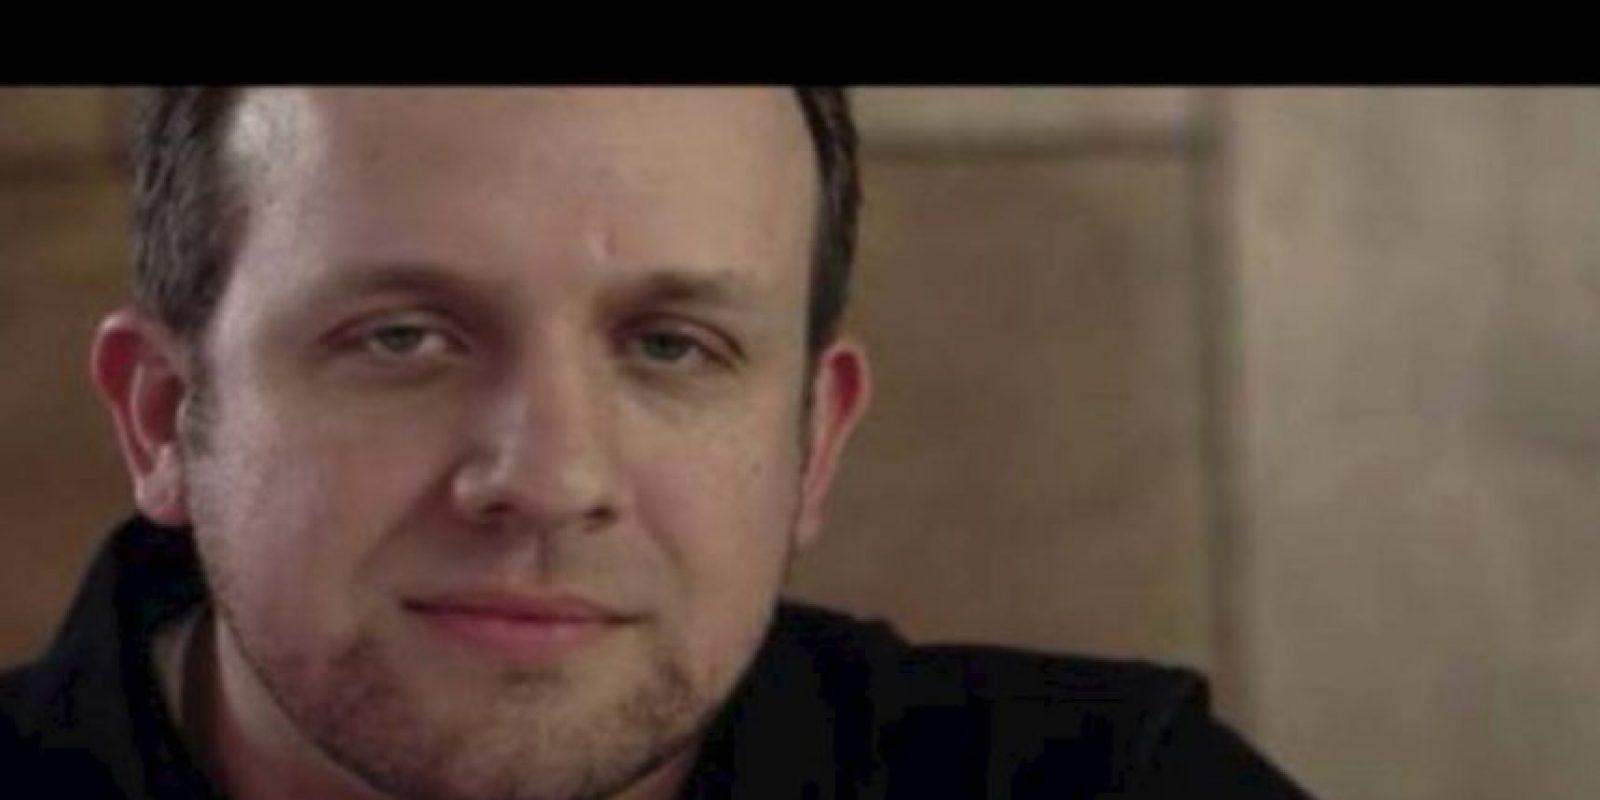 Se trata de Clay Turney, quien nunca fue capturado por la policía. Quiere publicar un libro sobre cómo robar bancos le cambió la vida Foto:YouTube- Archivo